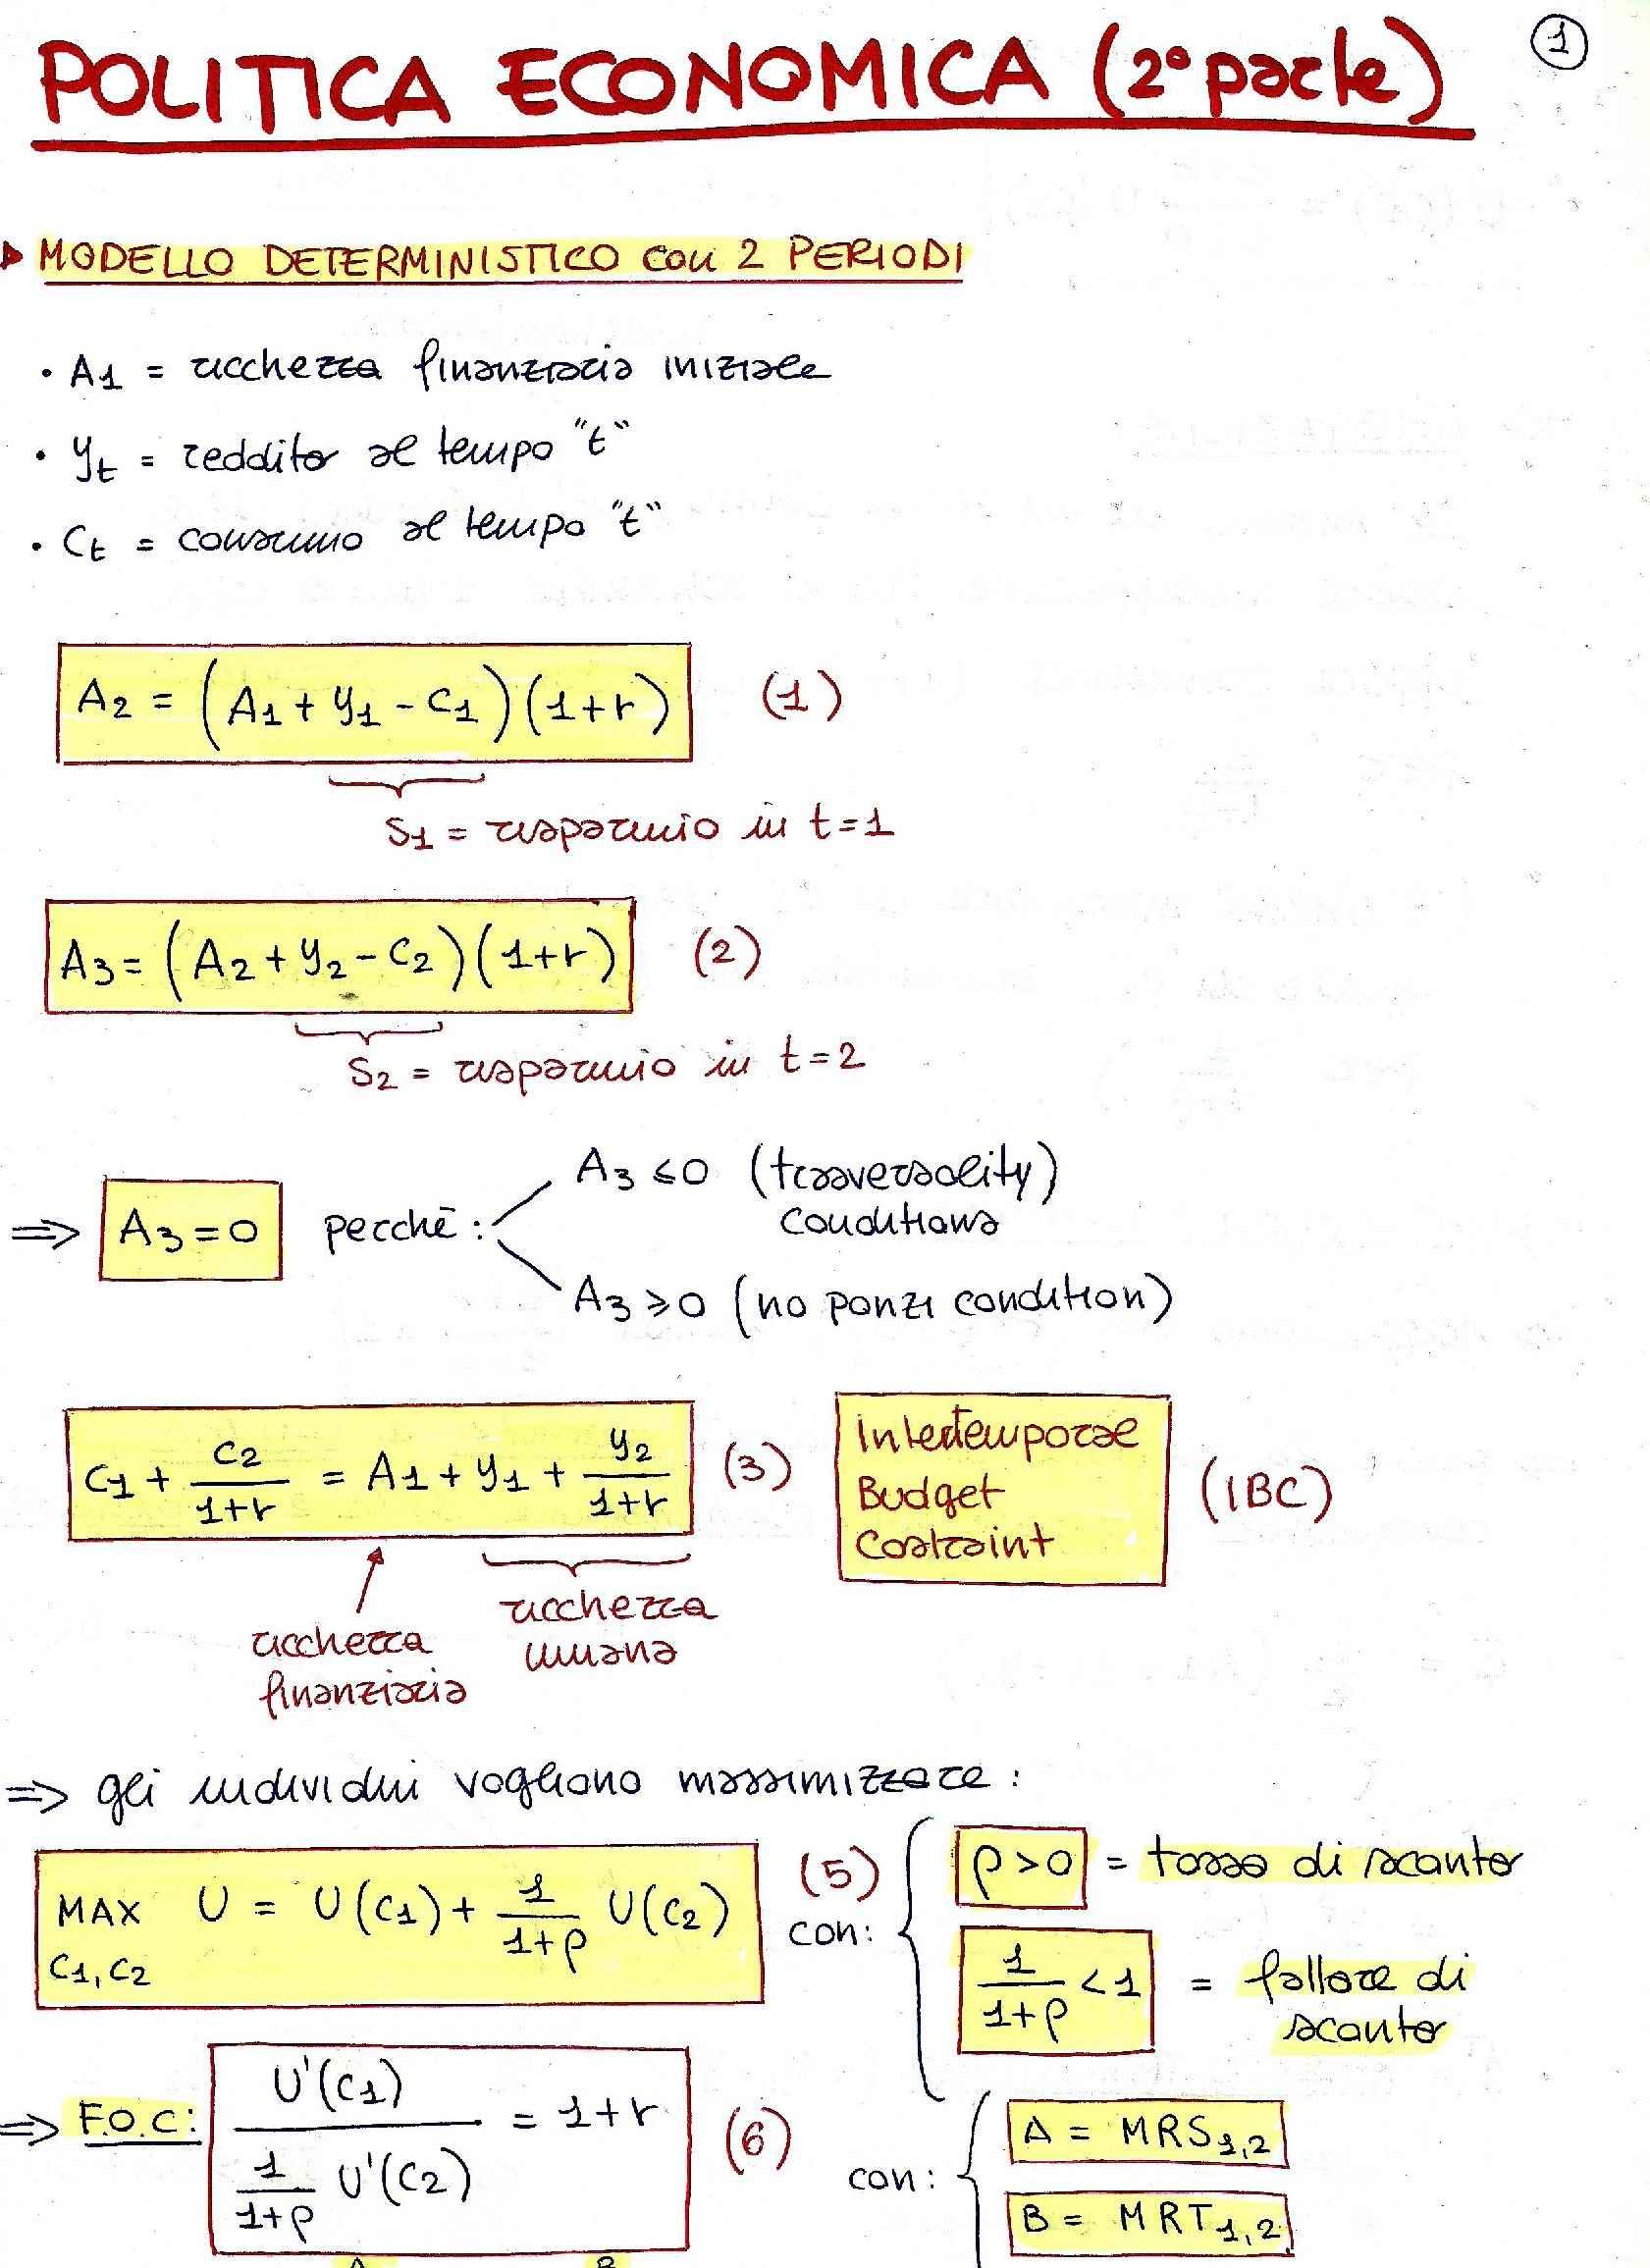 Politica economica - Appunti completi delle lezioni (seconda parte)